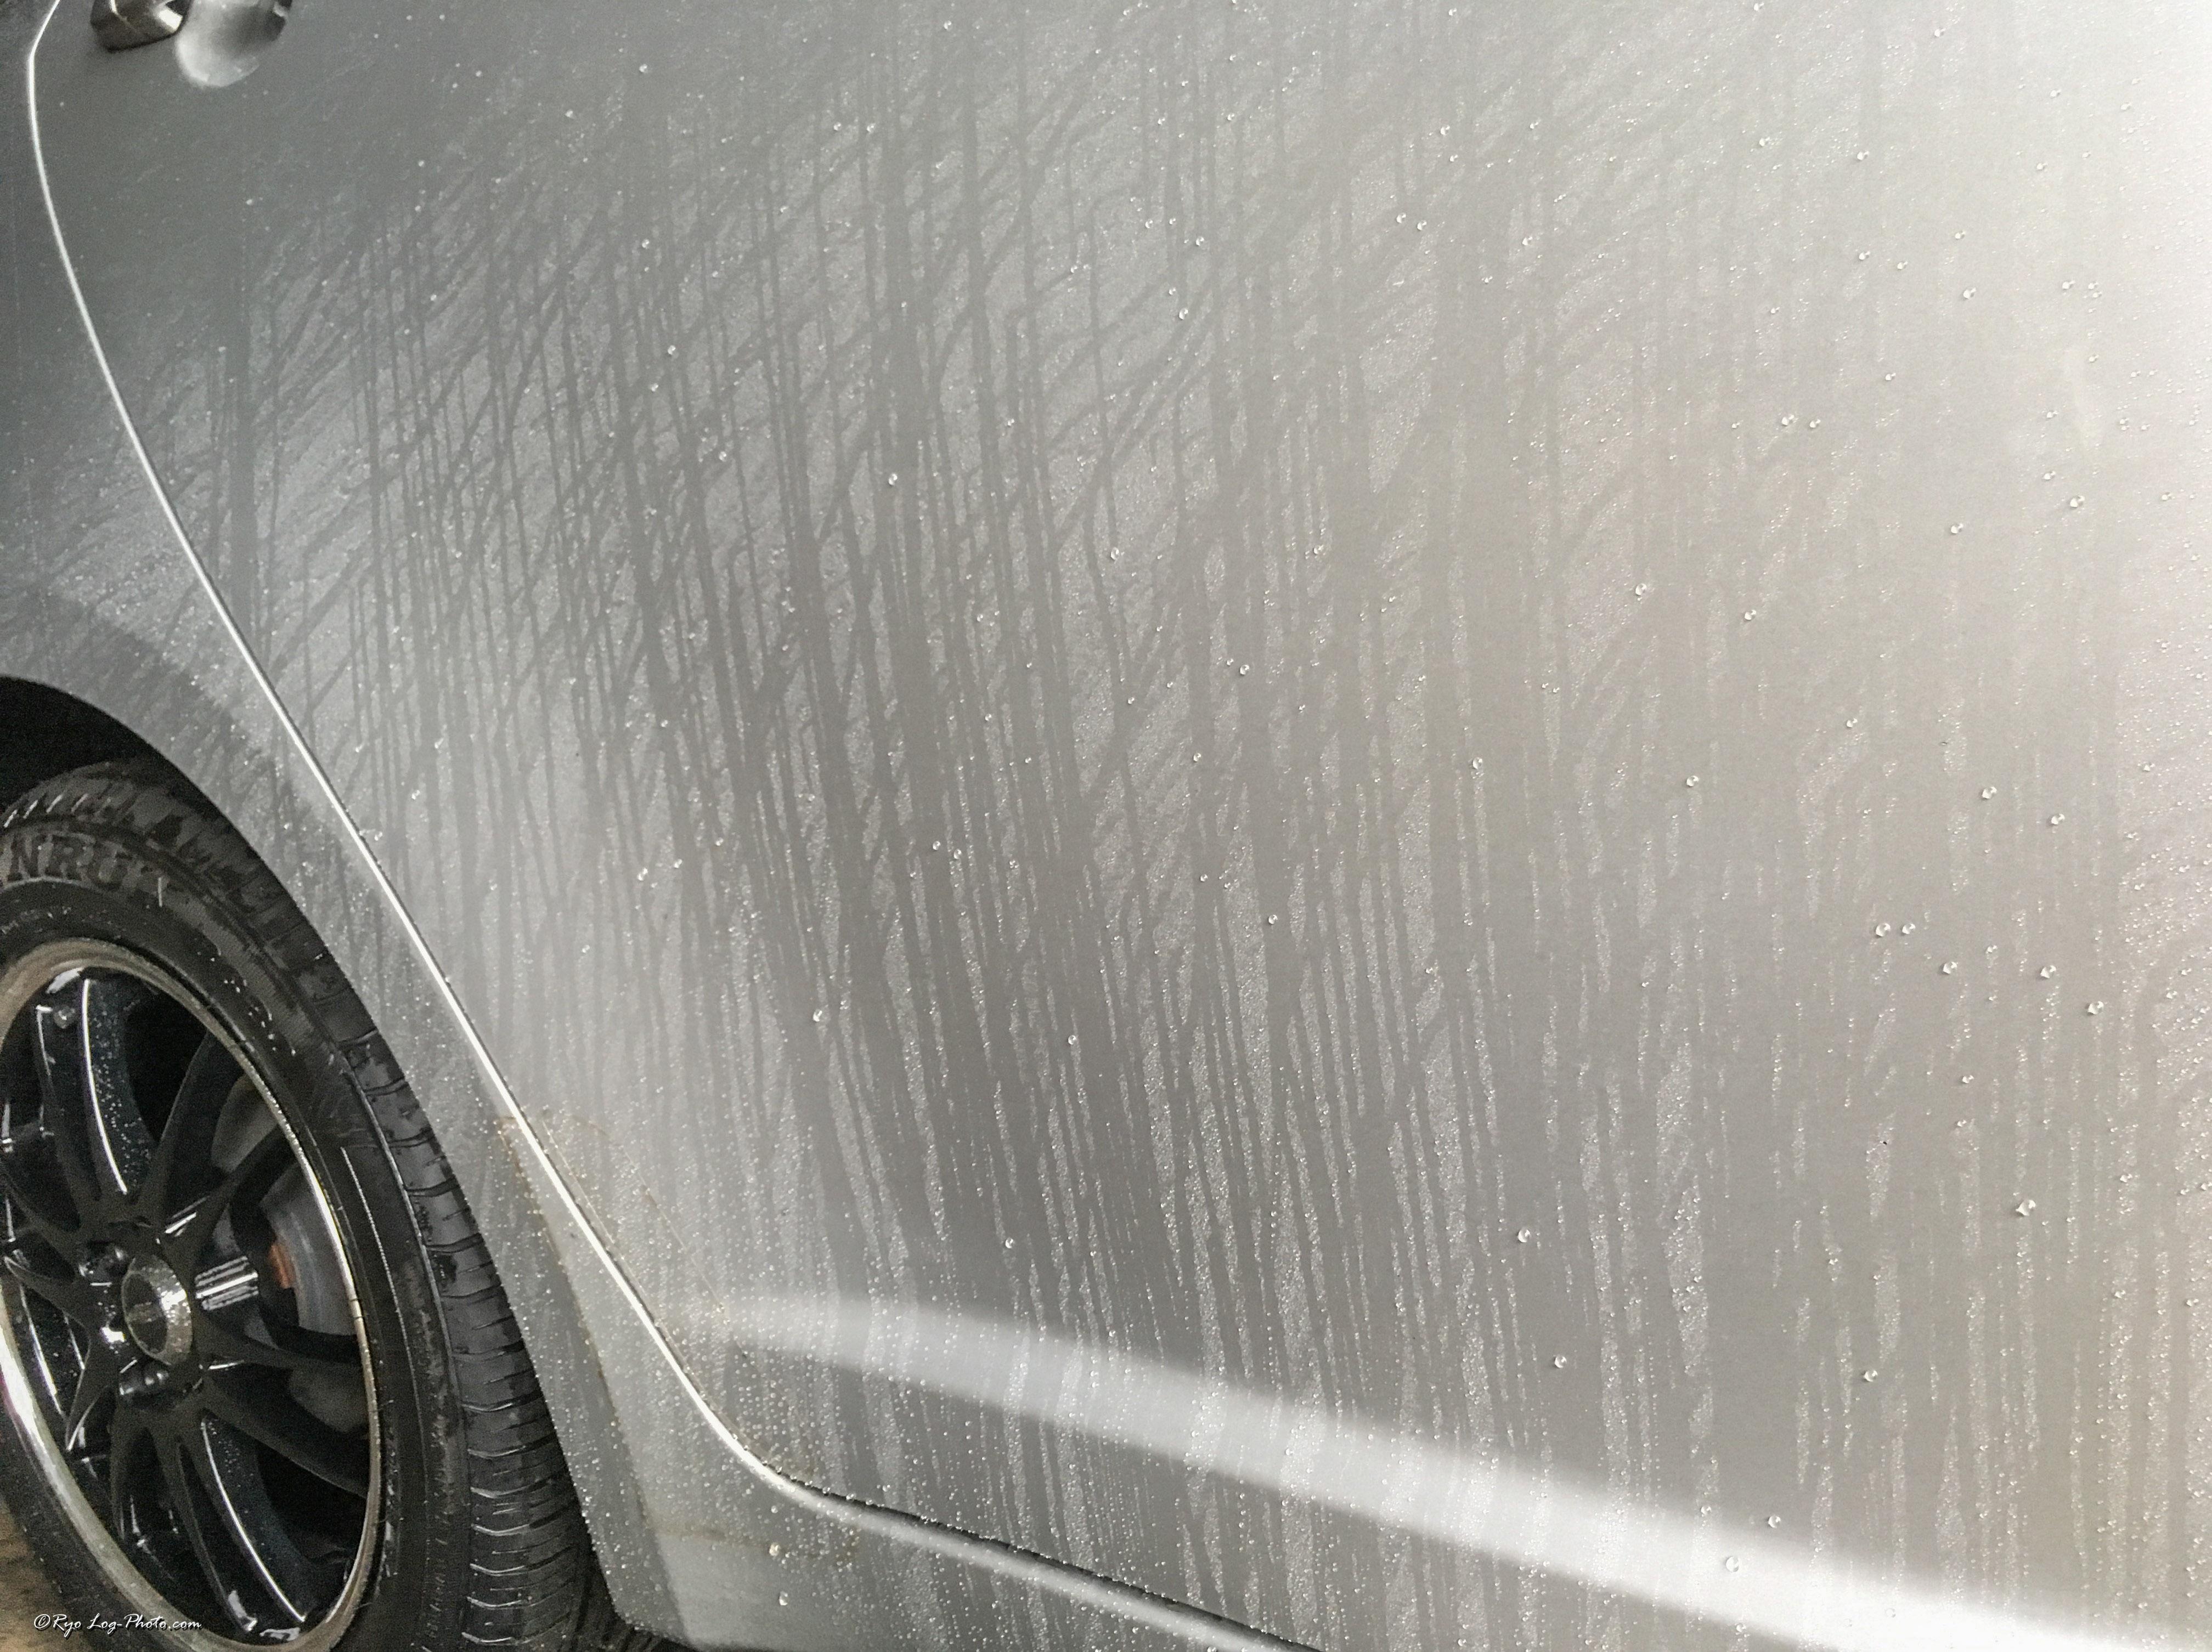 車,スイフト,ヴェゼル,撥水,コート,キーパー,keeper,クリスタルキーパー,ガラス被膜,コーティング